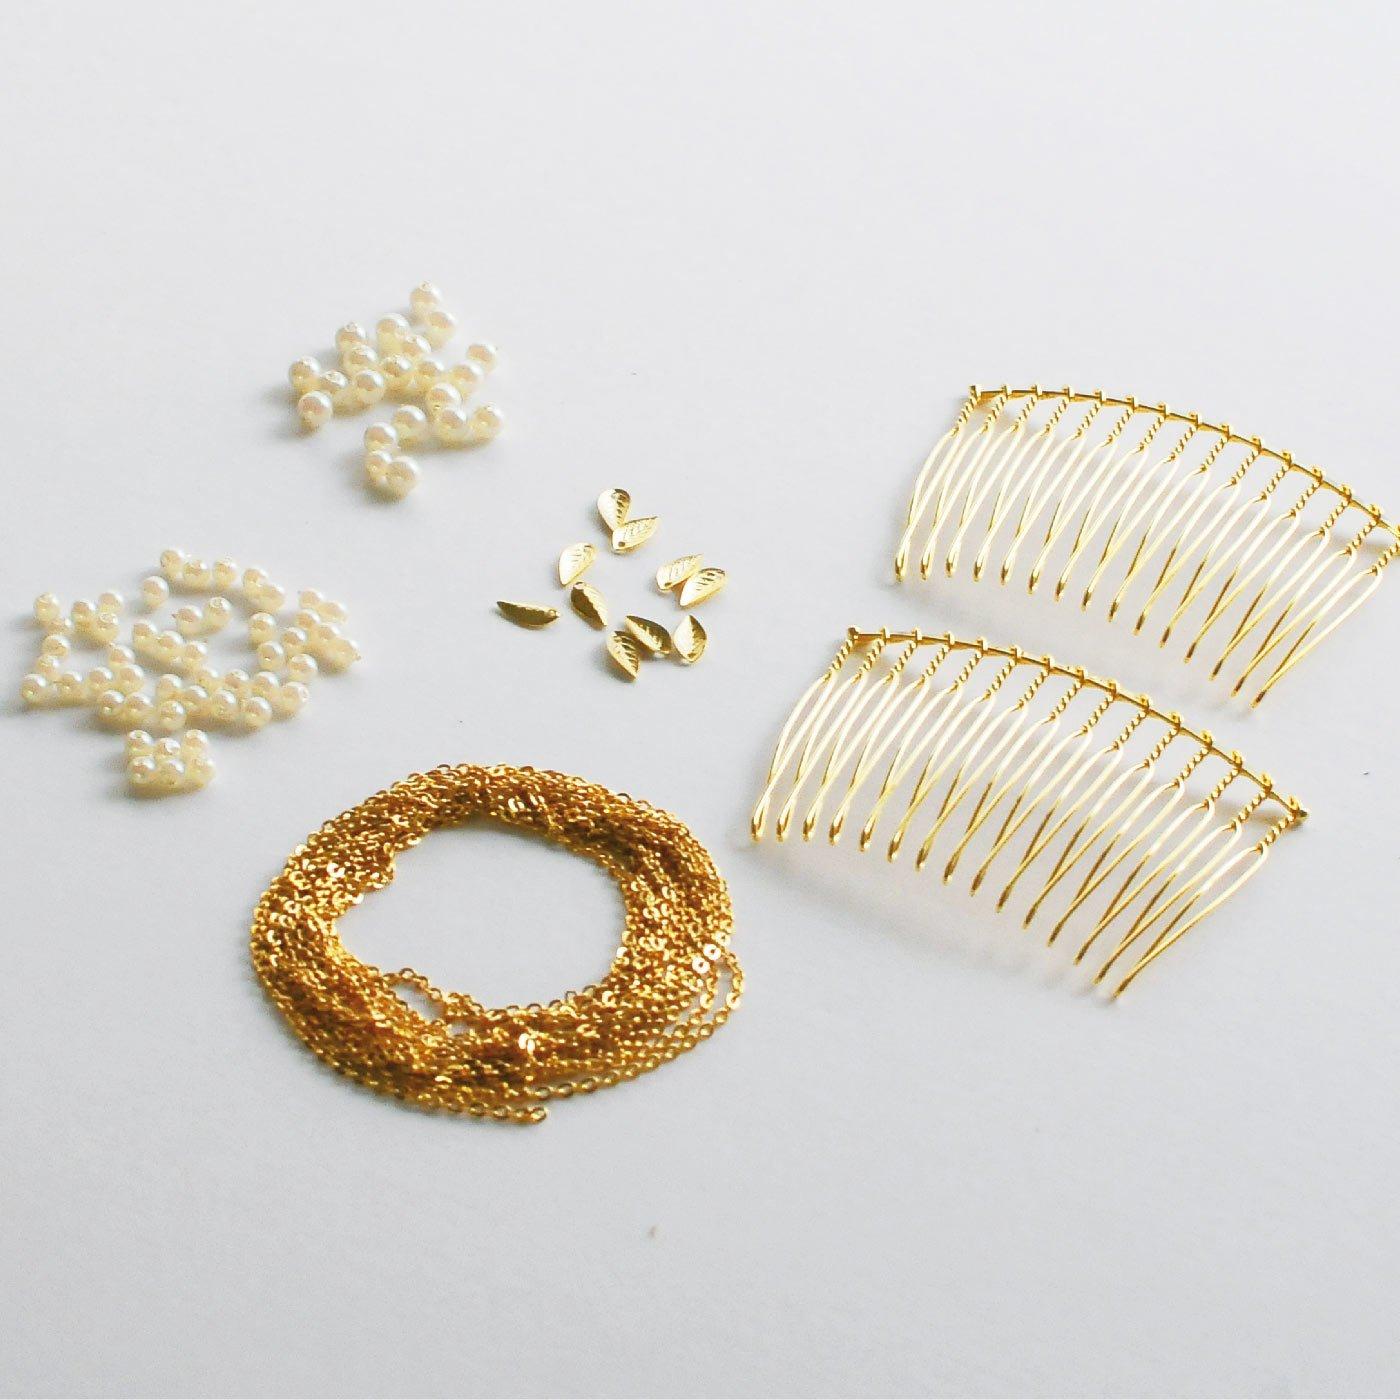 華奢アクセサリーレッスンプログラム 追加購入用ネックレスチェーン・髪飾りベースセット